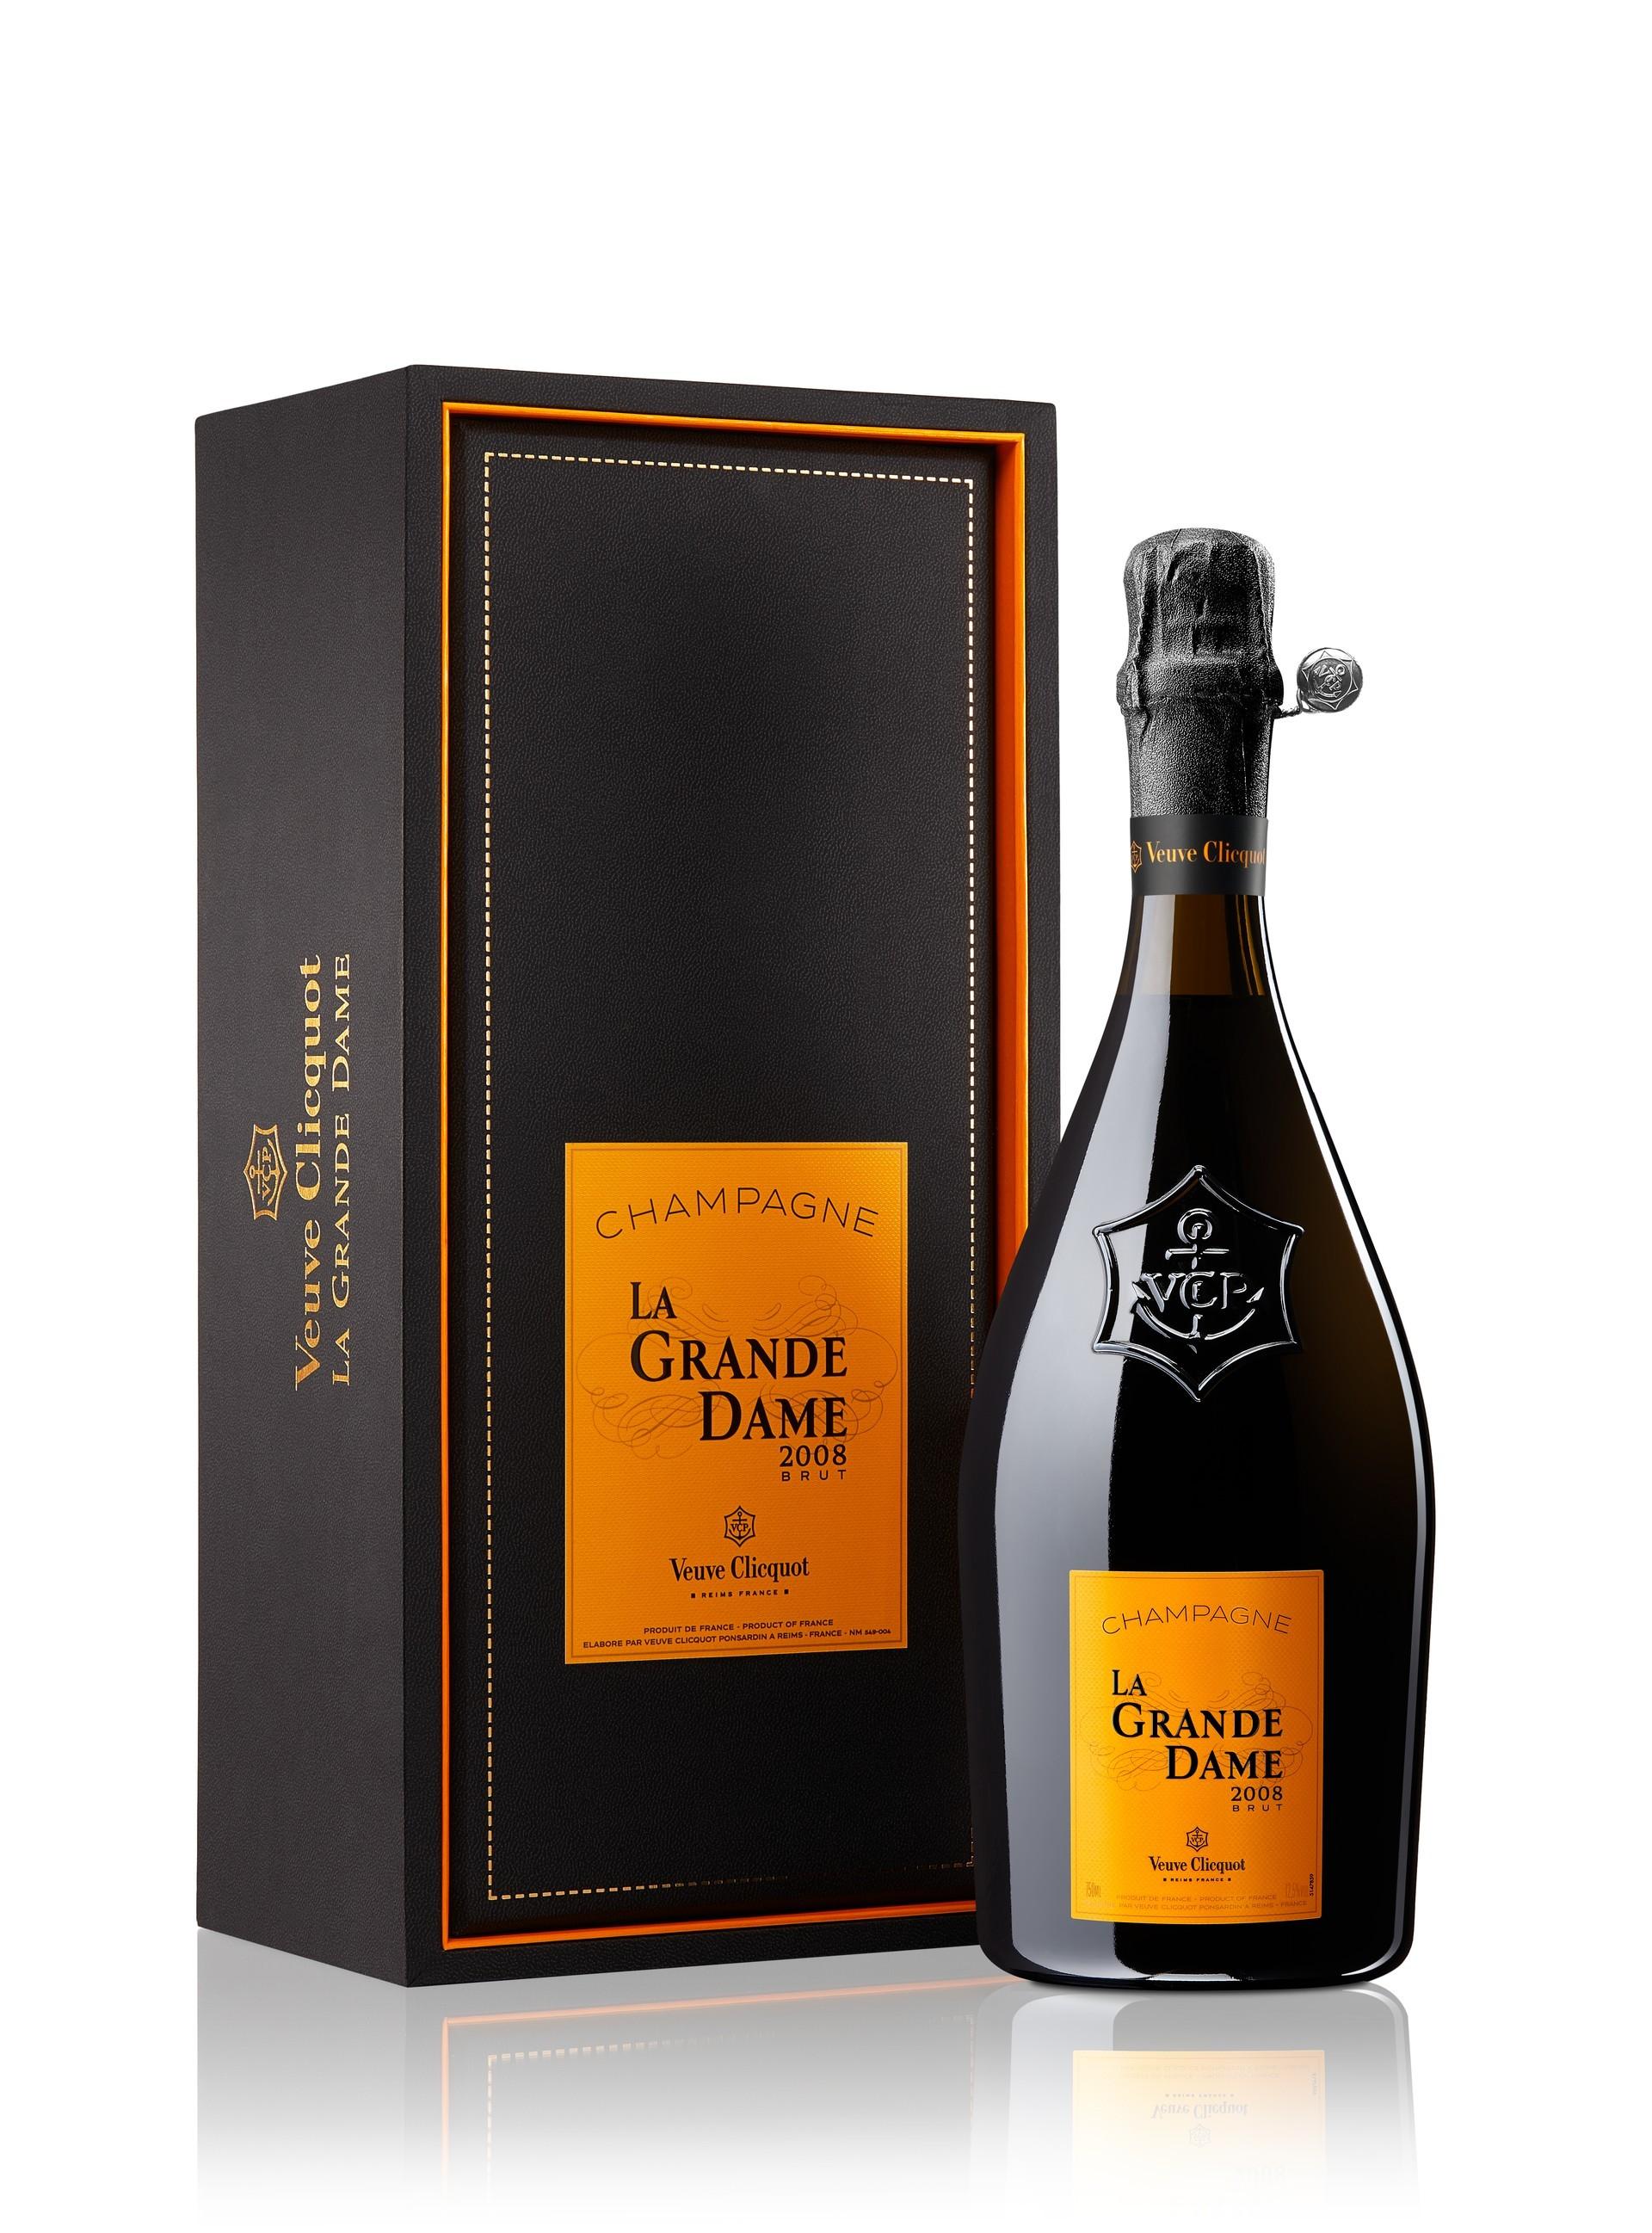 ヴーヴ・クリコの最高級ライン「ラ・グランダム 2008」が登場。その優雅さに酔いしれたい!【飲むんだったら、イケてるワイン/特別編】_1_4-1